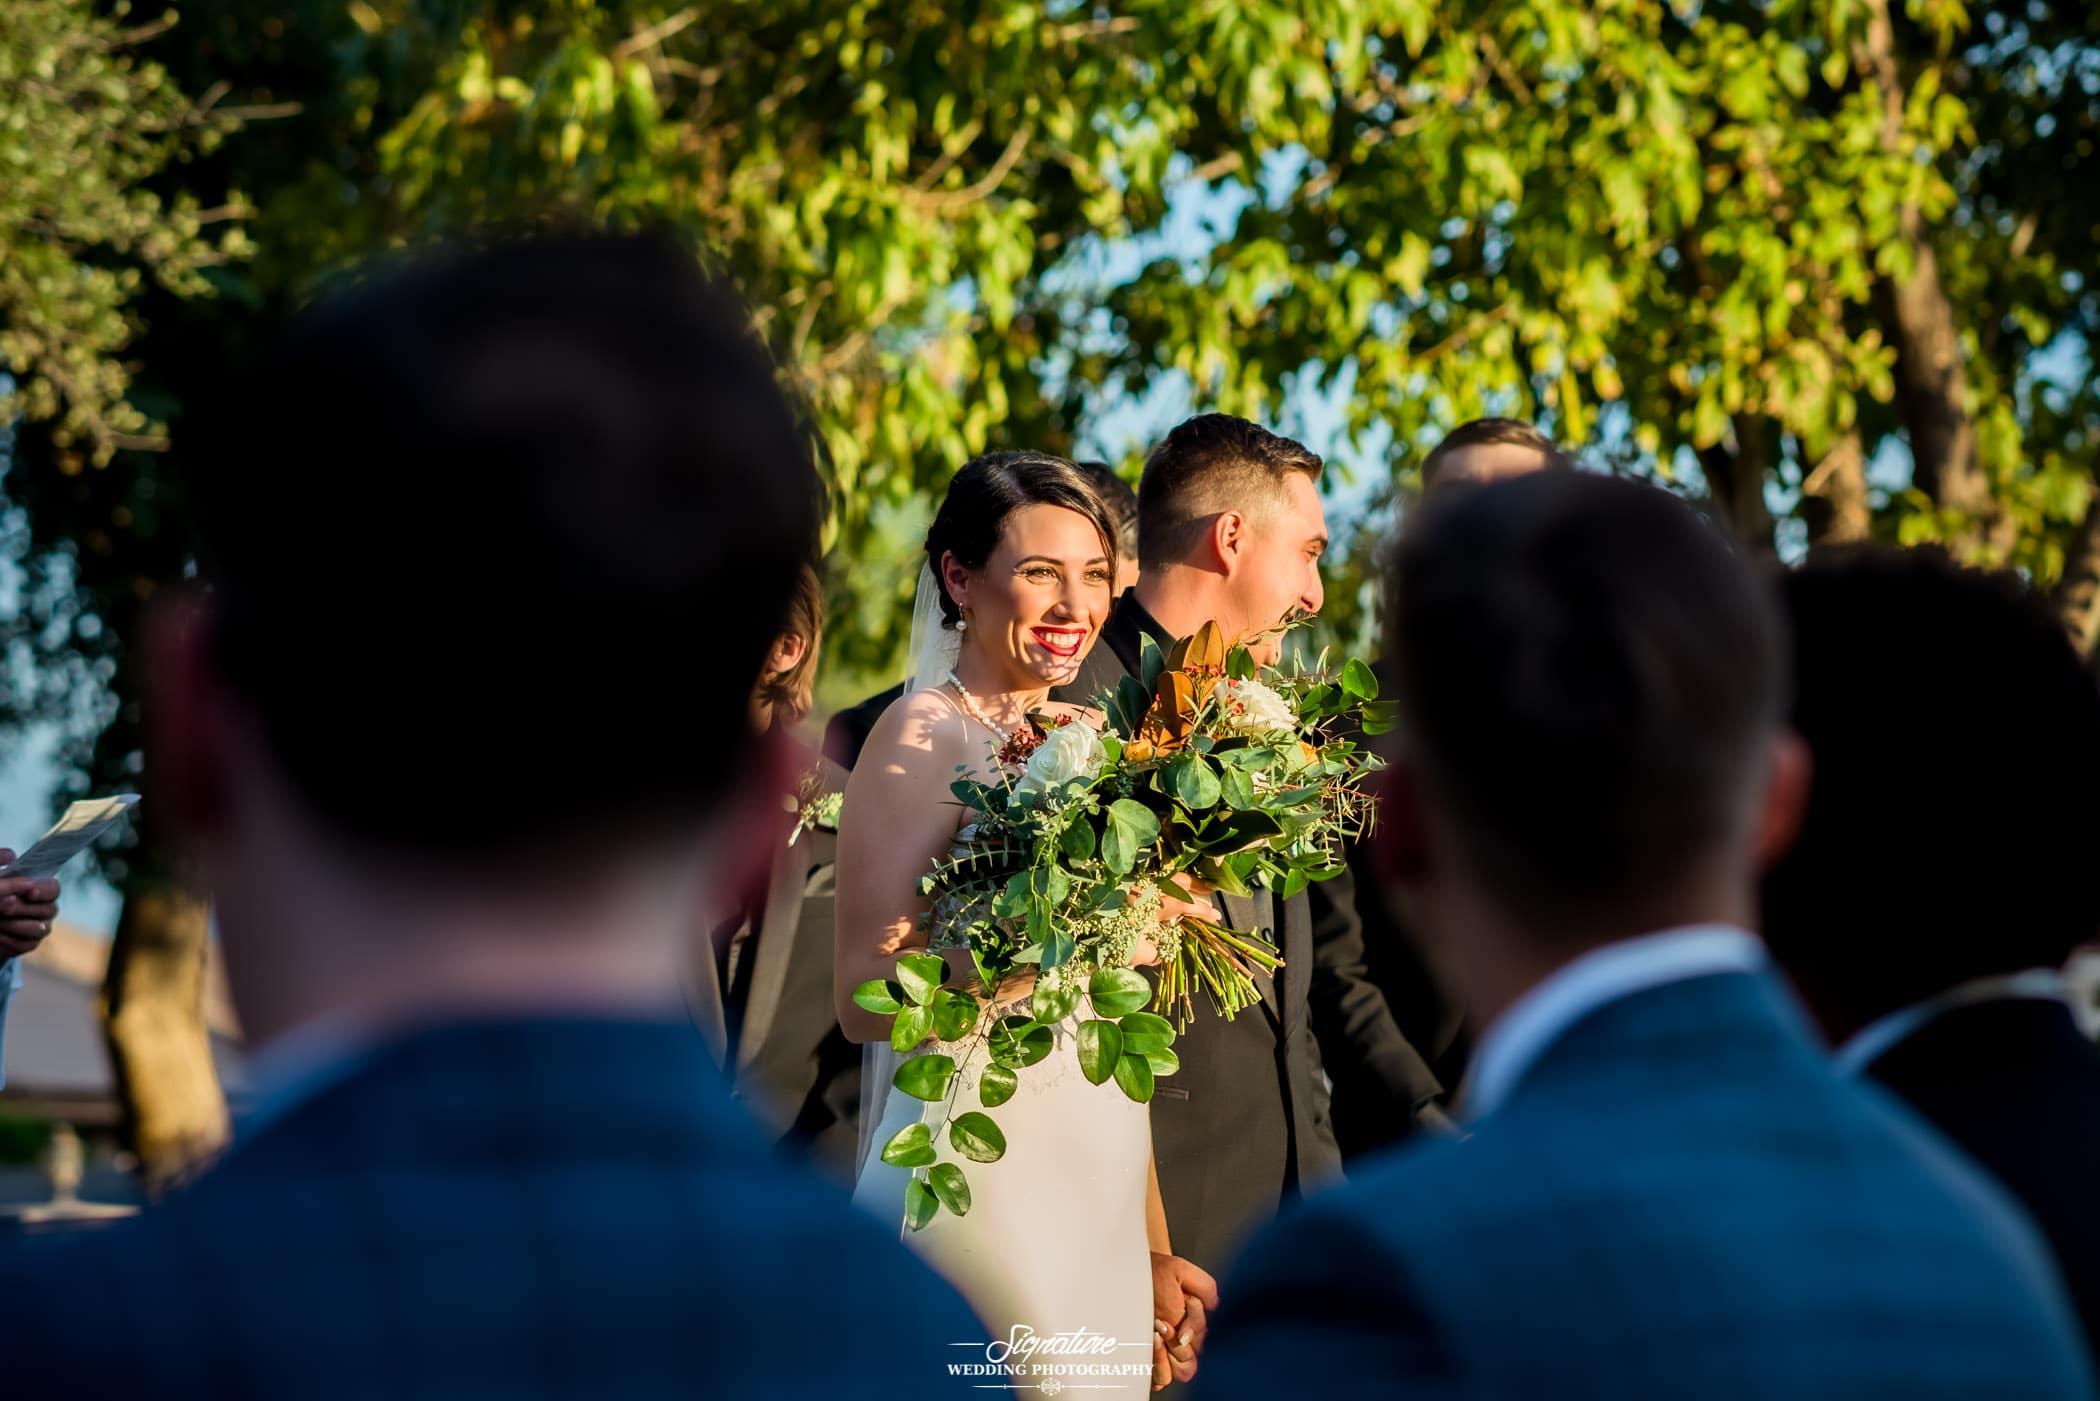 wedding ceremony photos 17